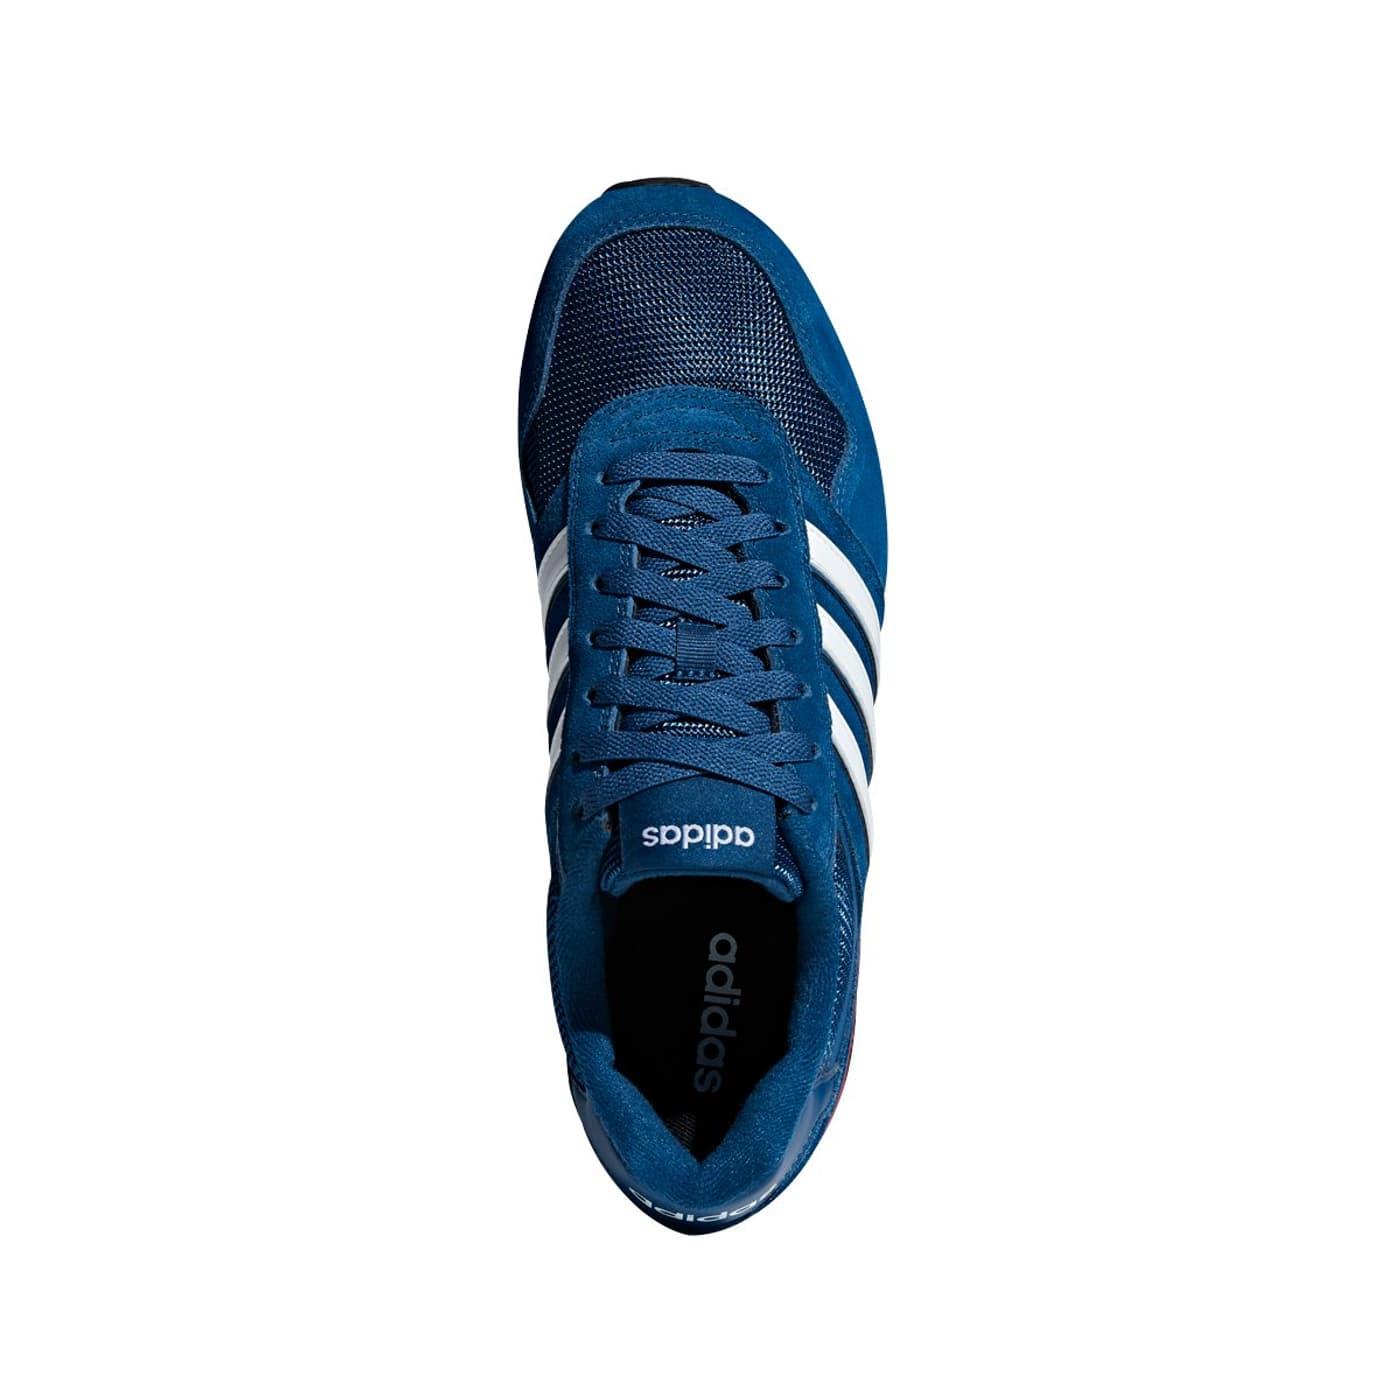 Adidas 10K Scarpa da uomo per il tempo libero | Migros